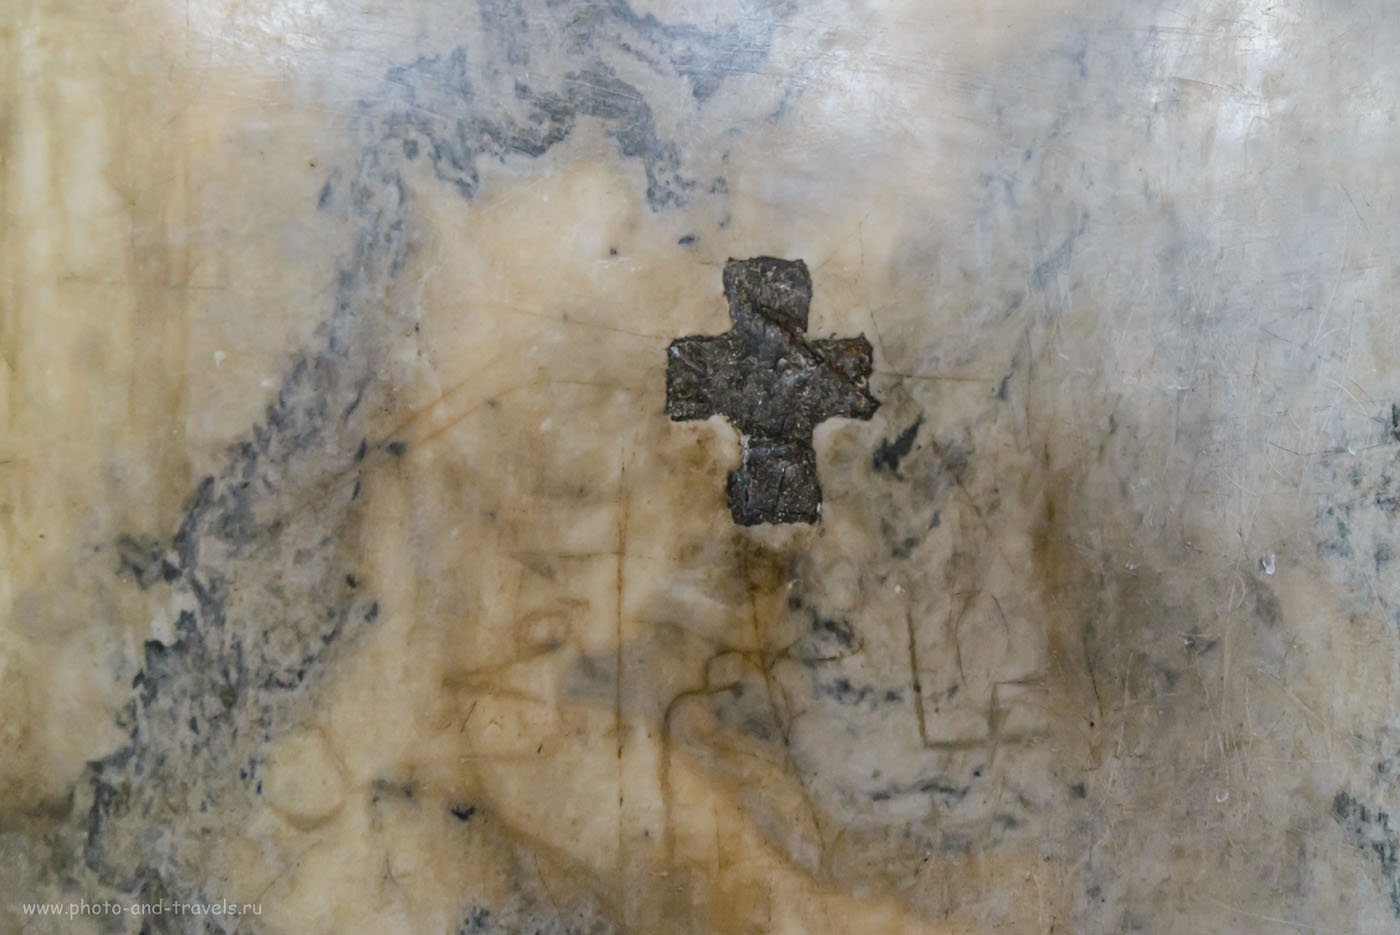 Фотография 24. Крест на стенах Айя-Софии. 1/20, +0.67, 5.6, 5000, 14.